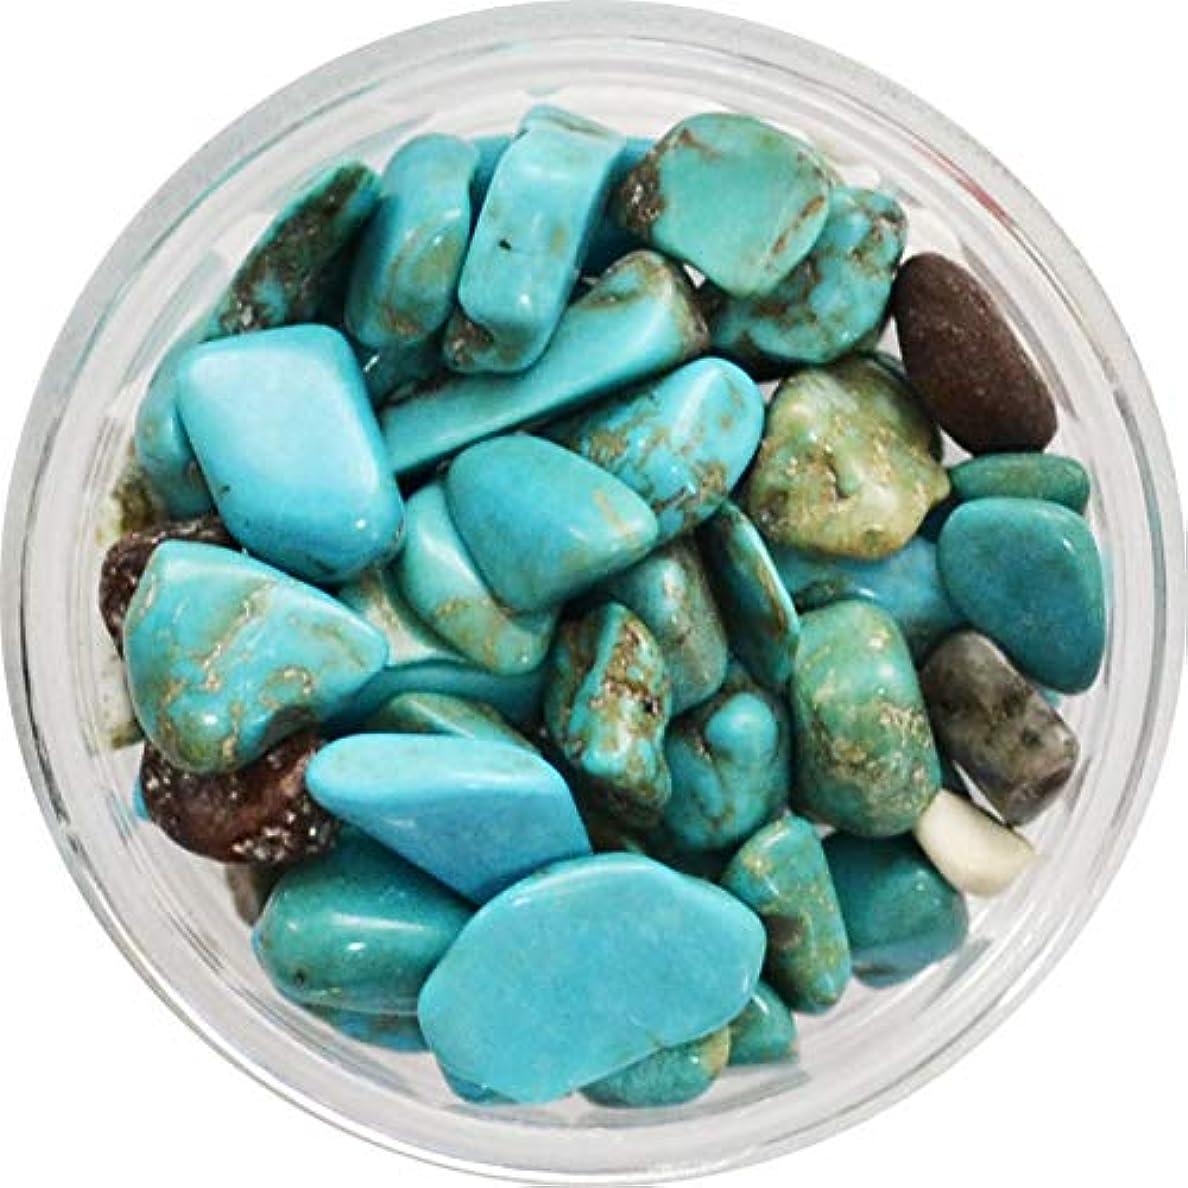 凍結短くする運動天然石のネイルパーツ Natural Stones 丸いプラスチックケース入り (ターコイズカラー)